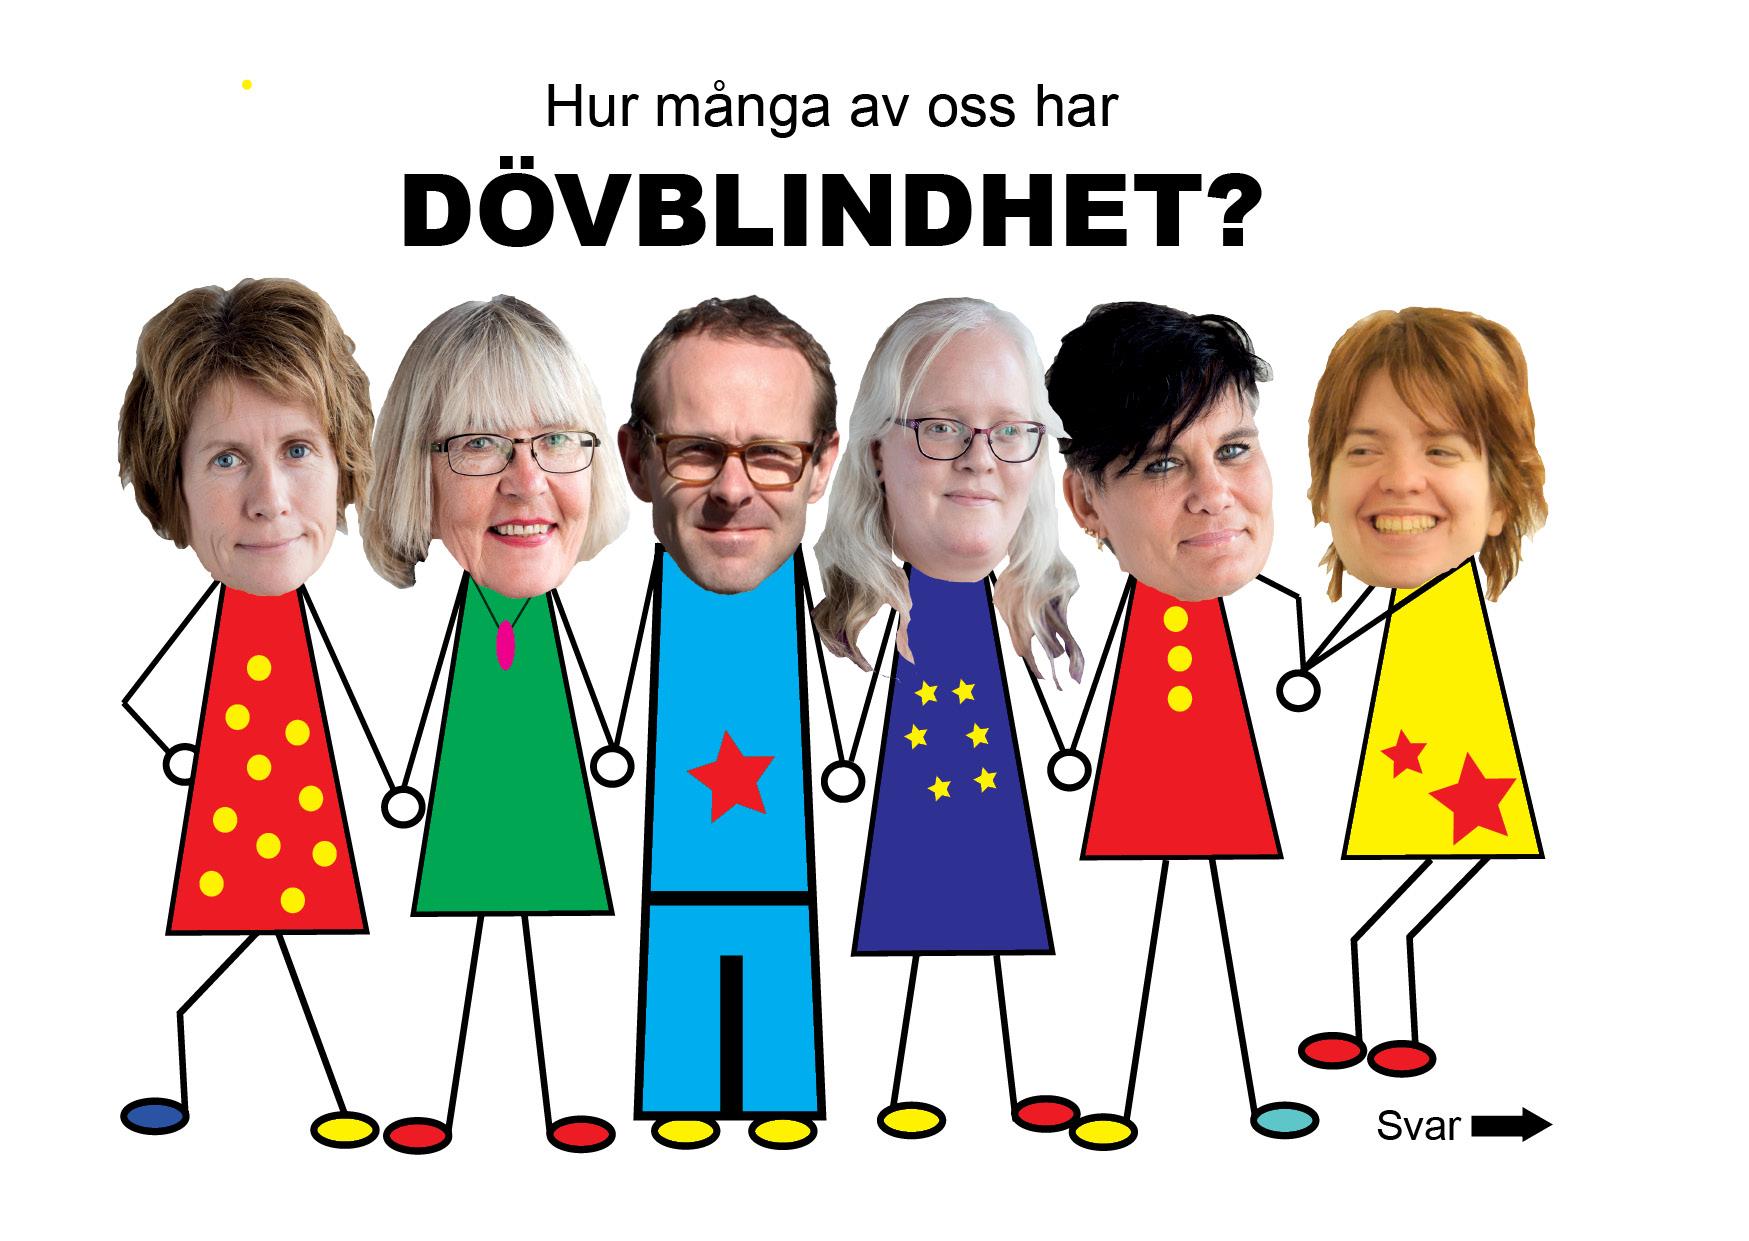 bilder på sex personer och frågan Hur många av oss har dövblindhet